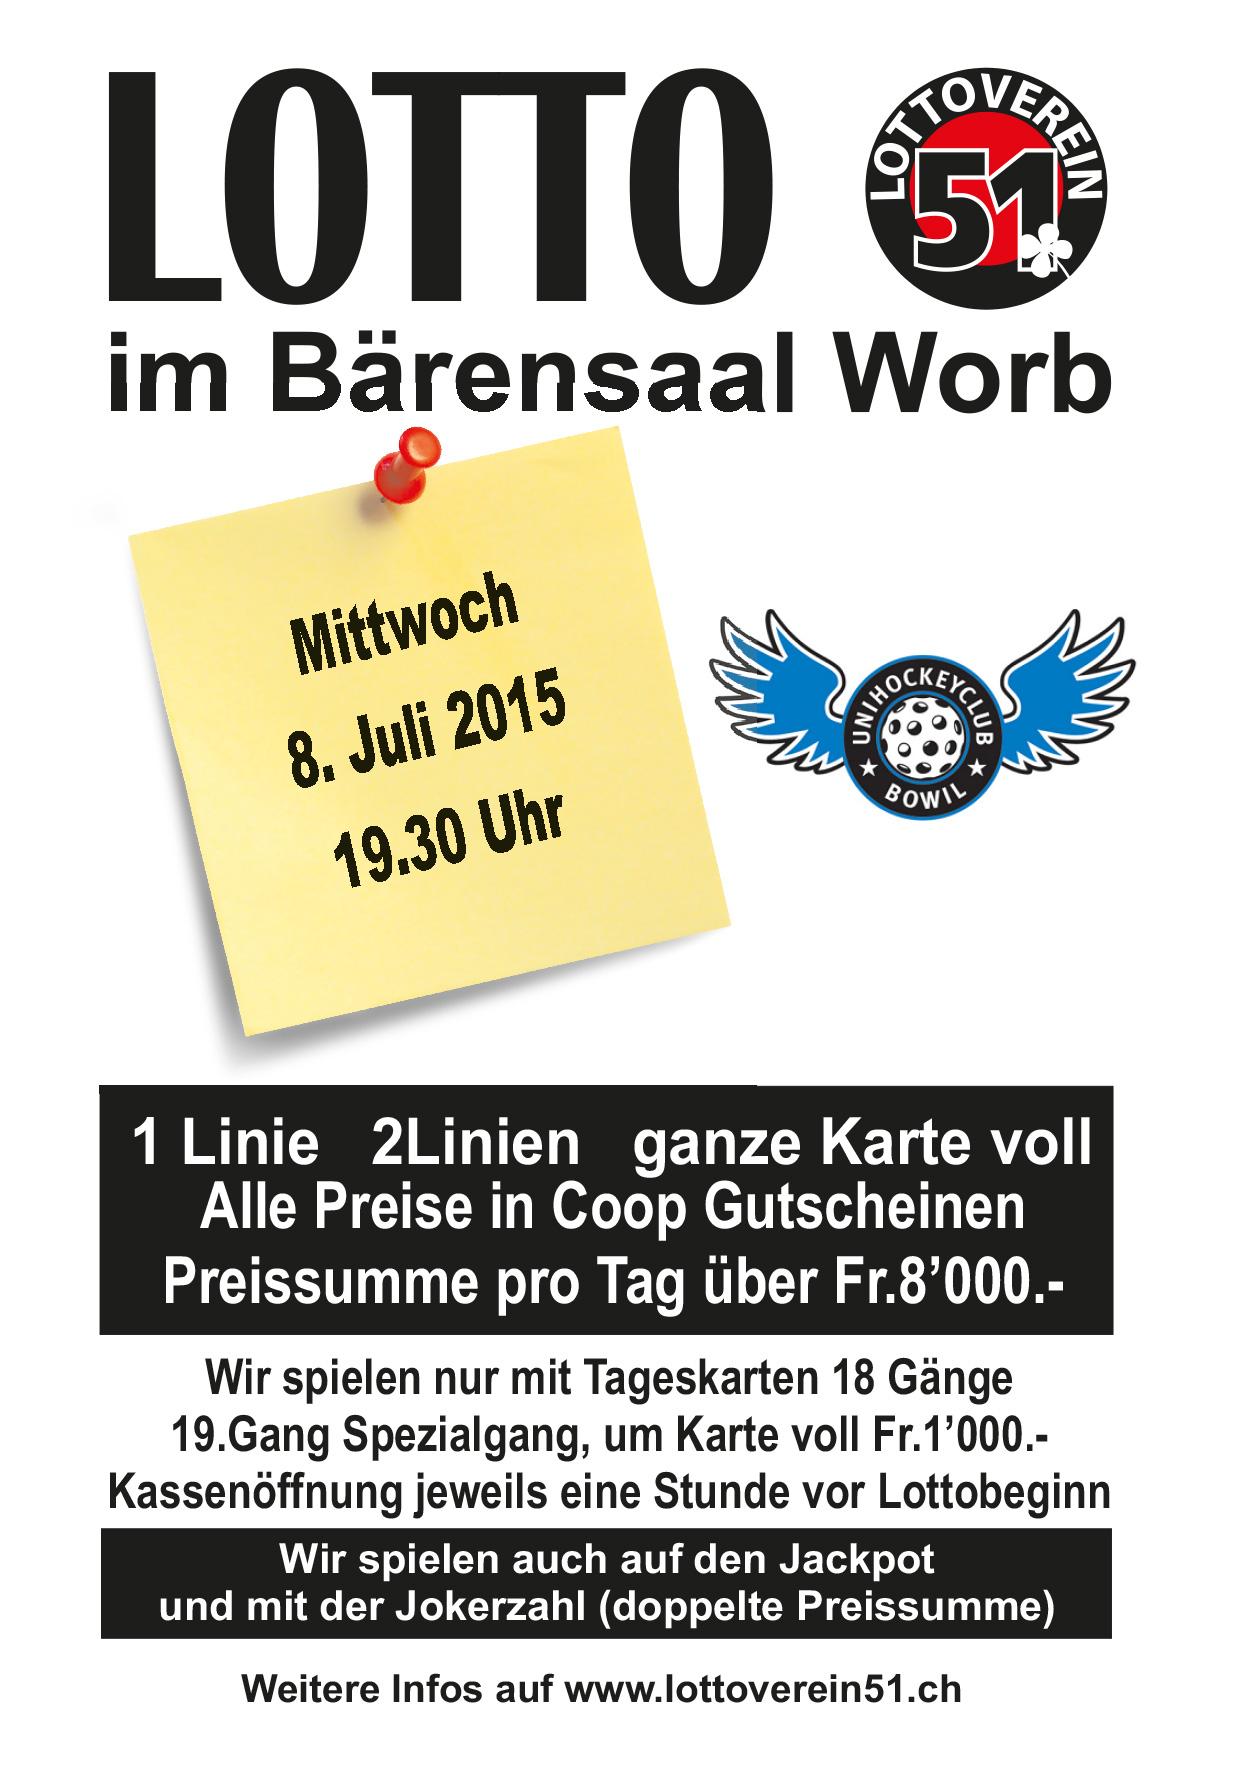 Lotto im Bärensaal Worb (Mi 8. Juli 2015) – UHC Bowil